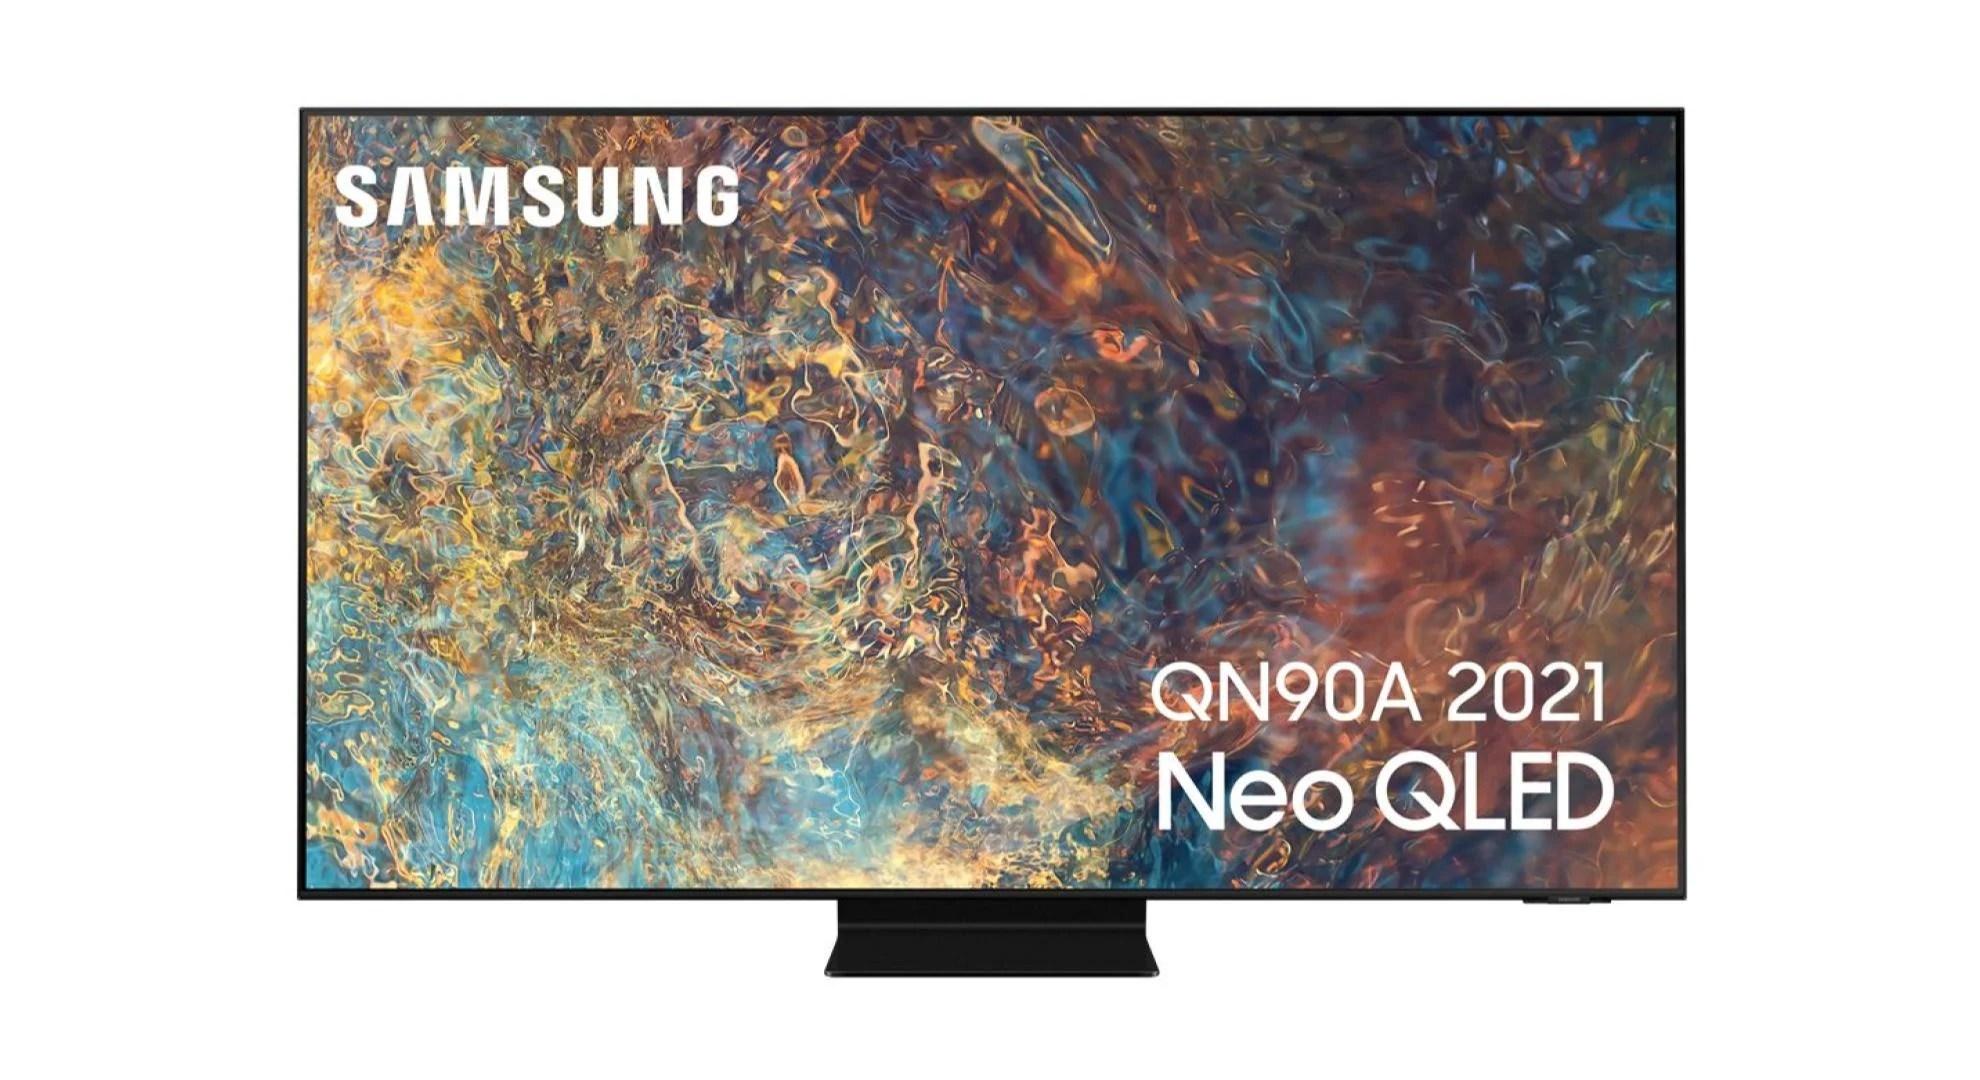 Grâce à une ODR, la TV Samsung Neo QLED QE50QN90A revient à moins de 1 300 €